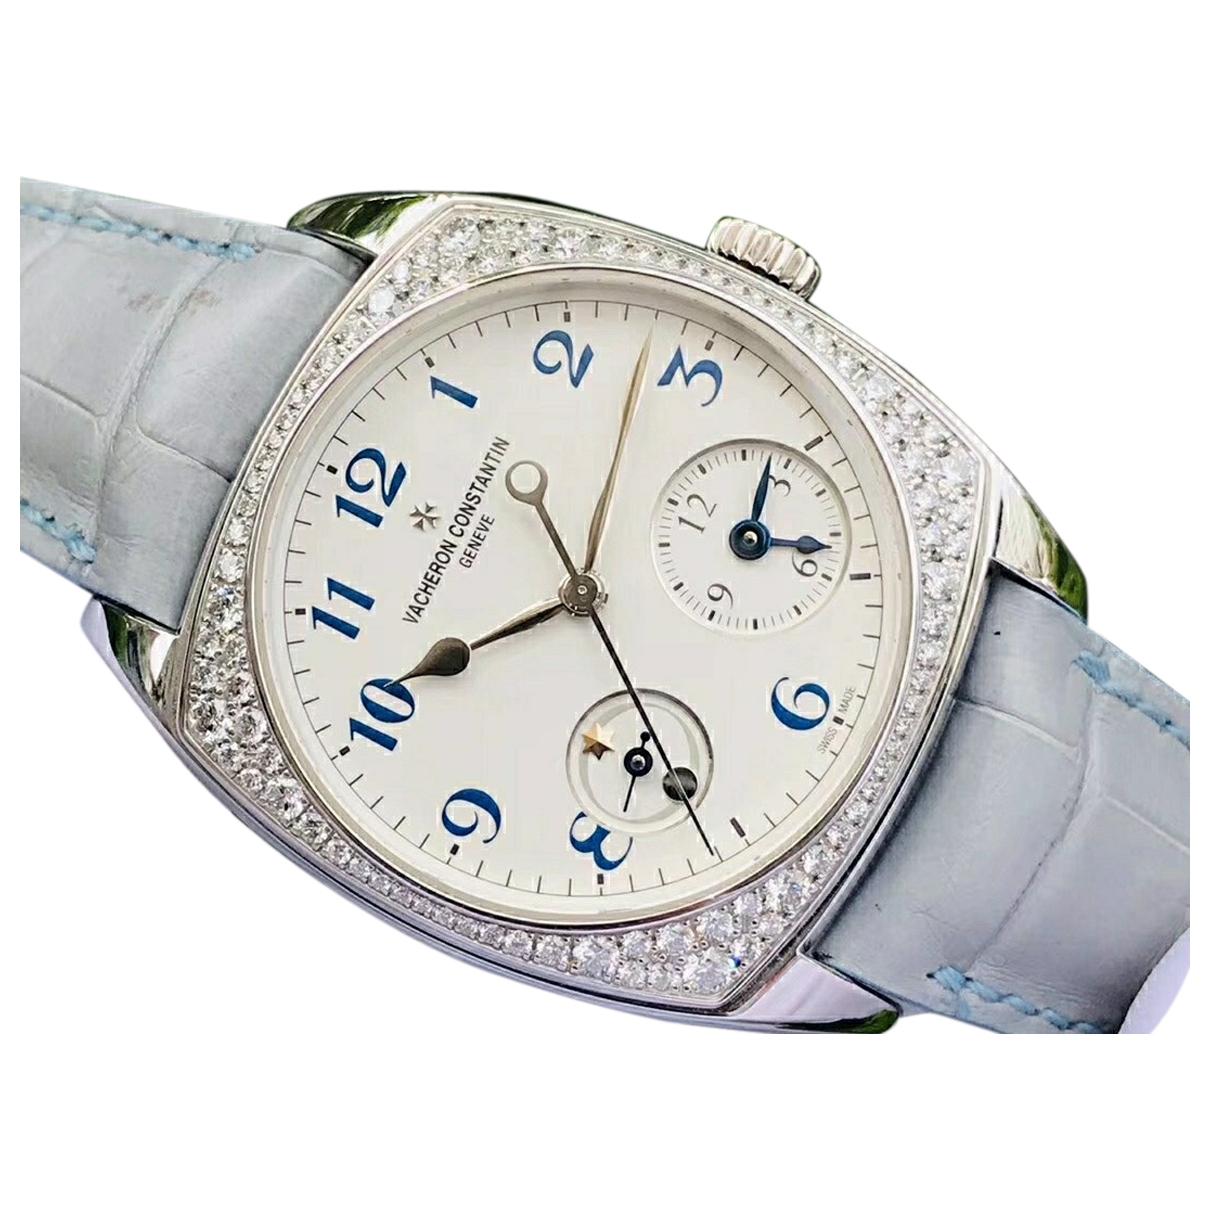 Reloj de Oro blanco Vacheron Constantin